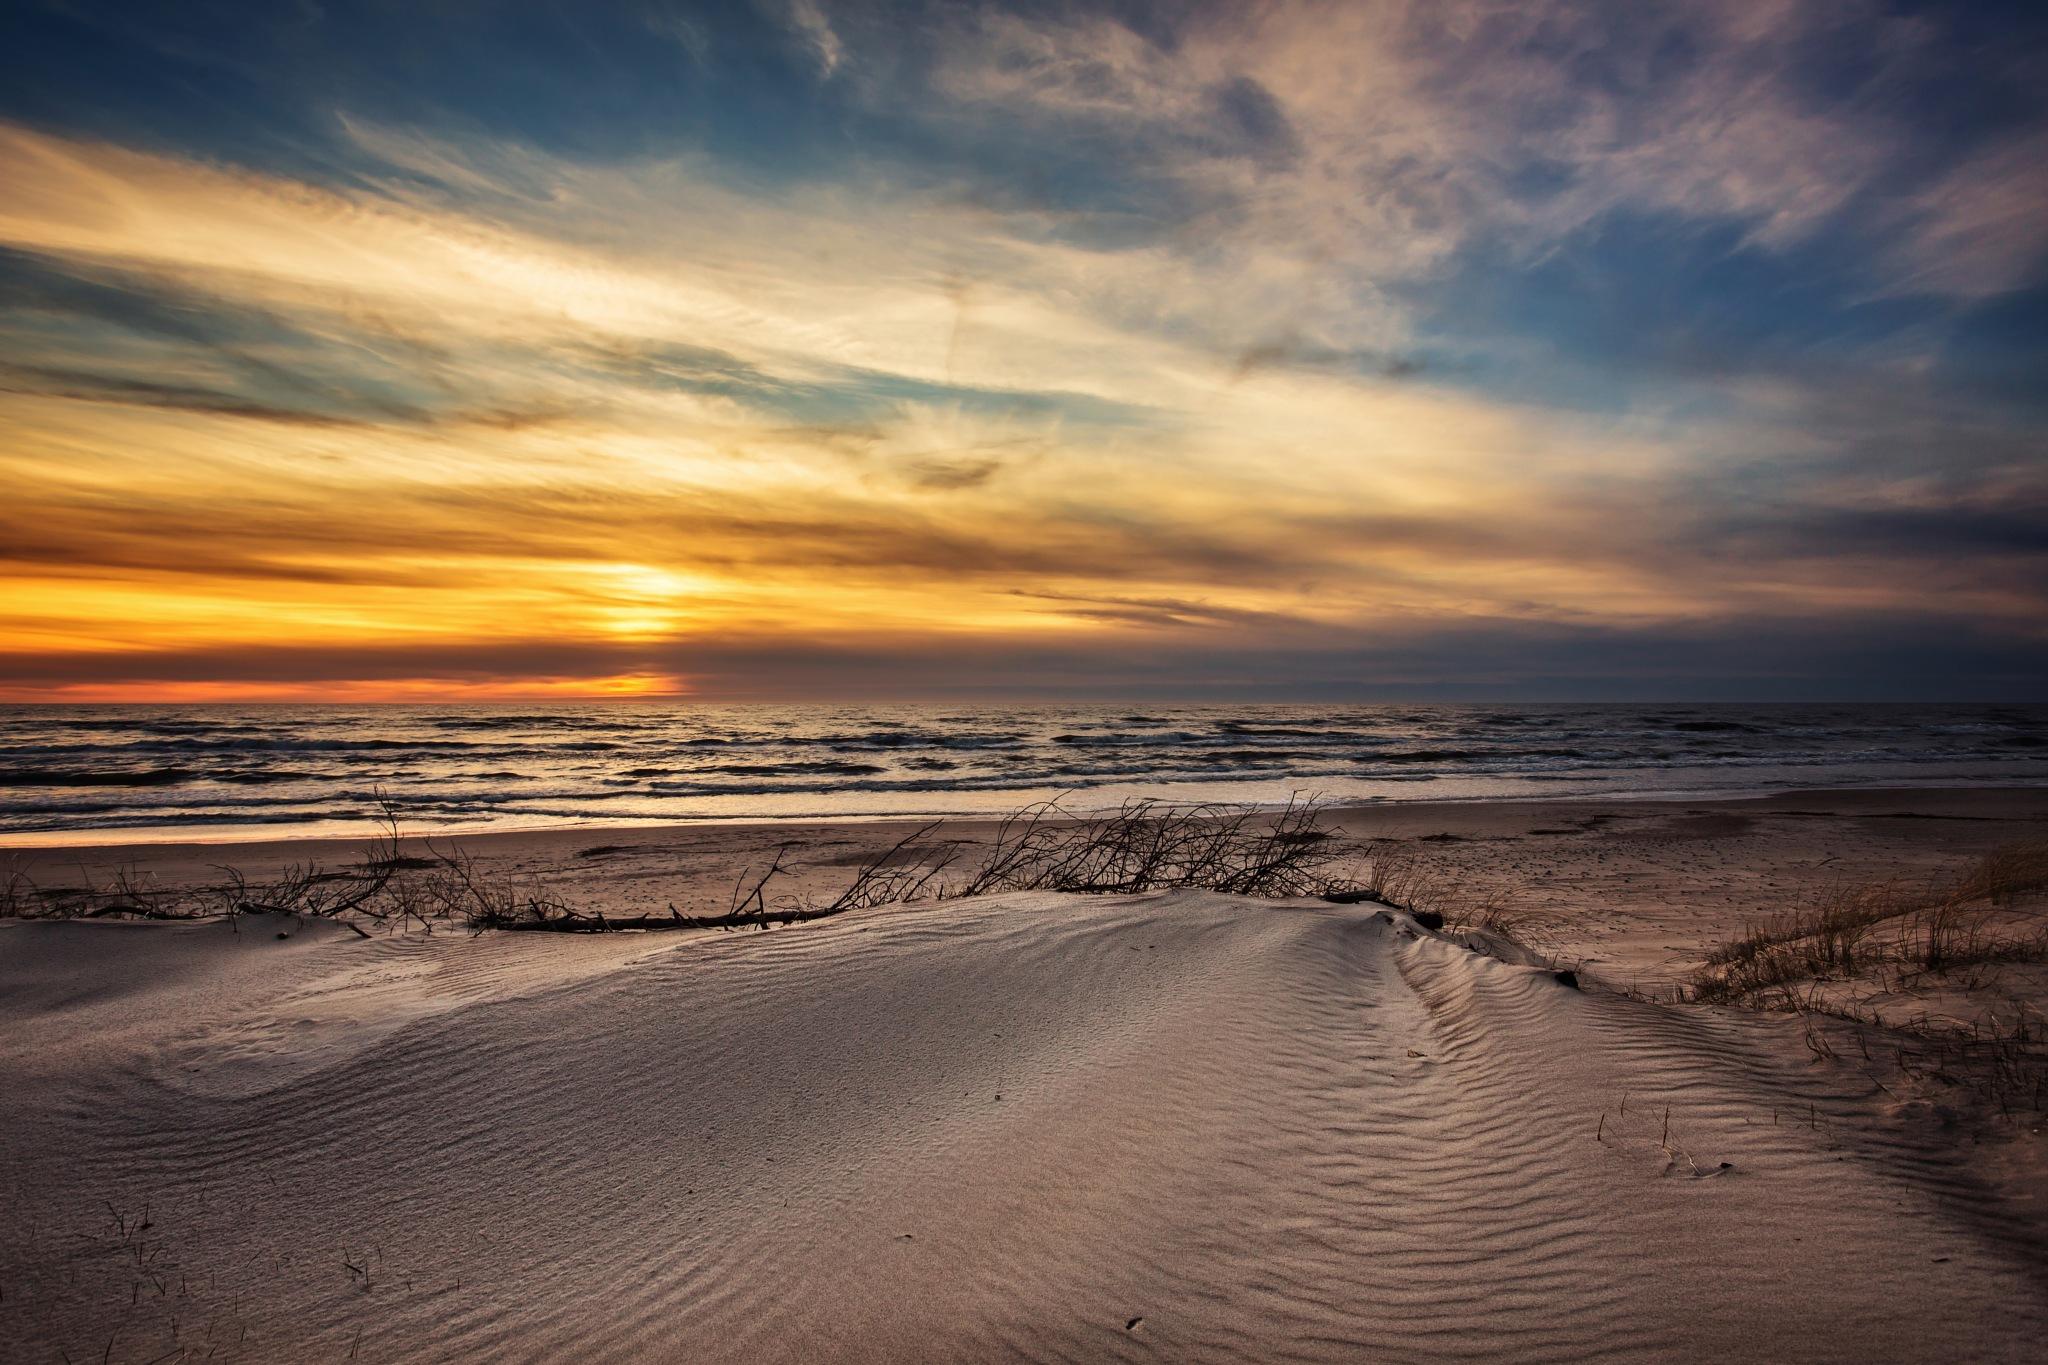 Evening colours by DariusBirstonas